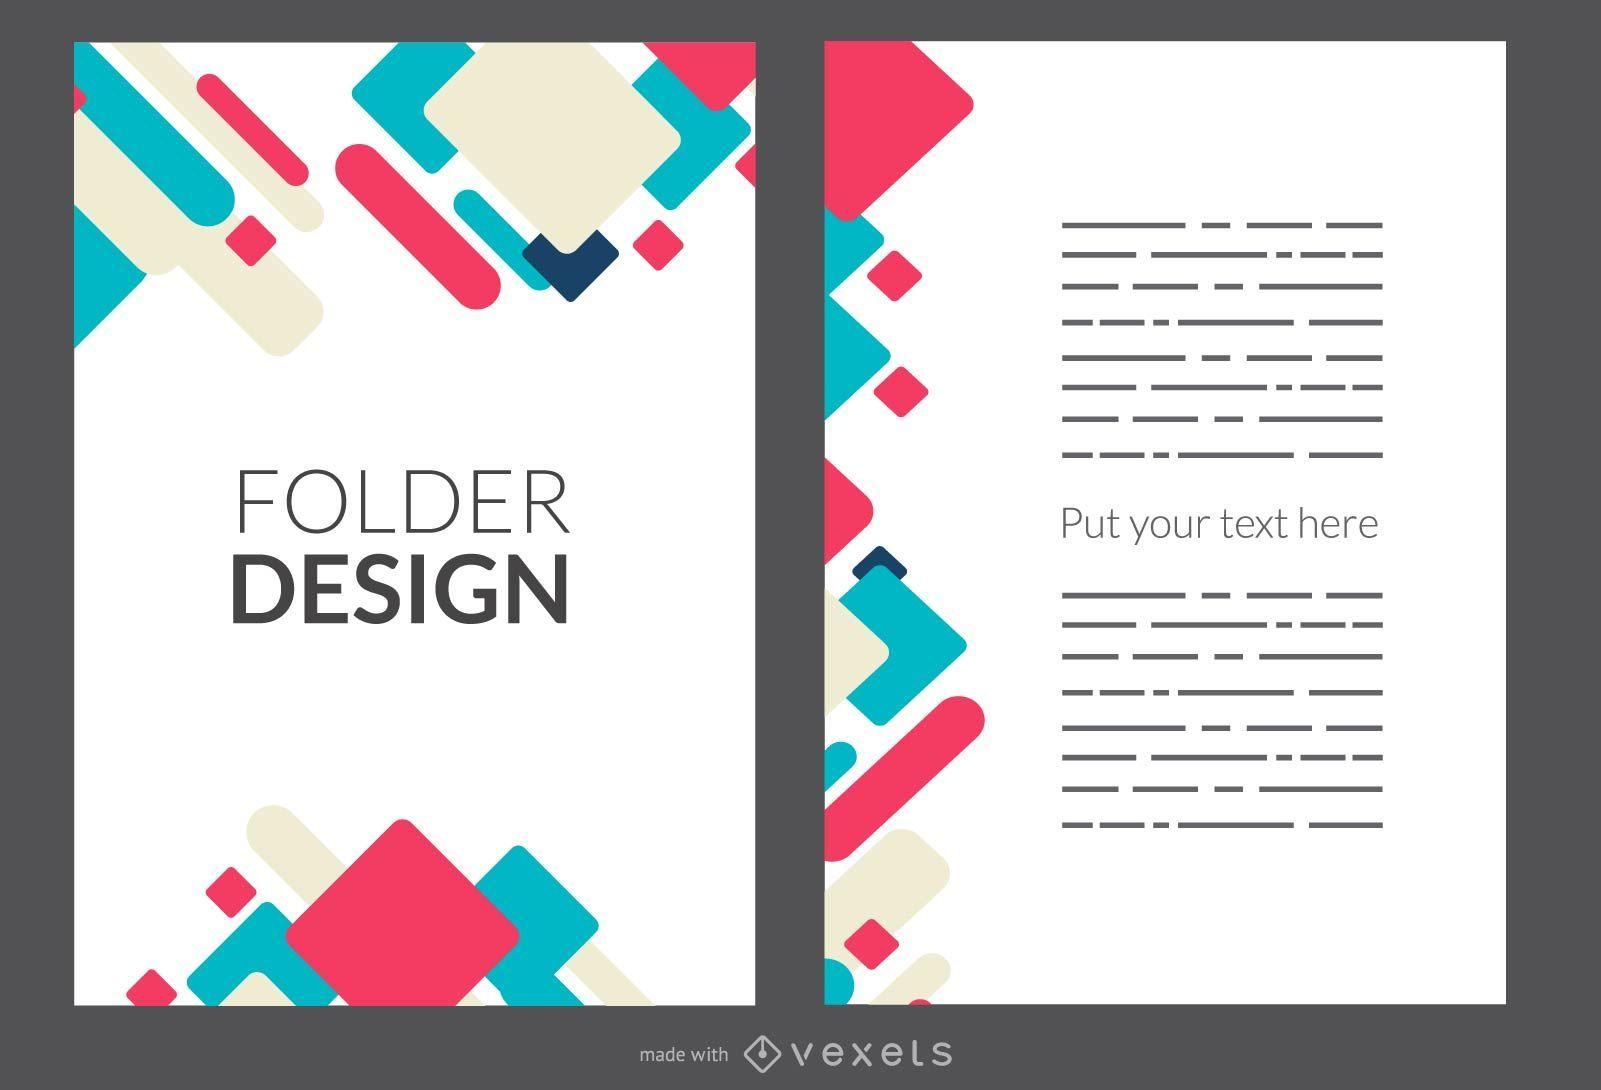 Cover or folder maker